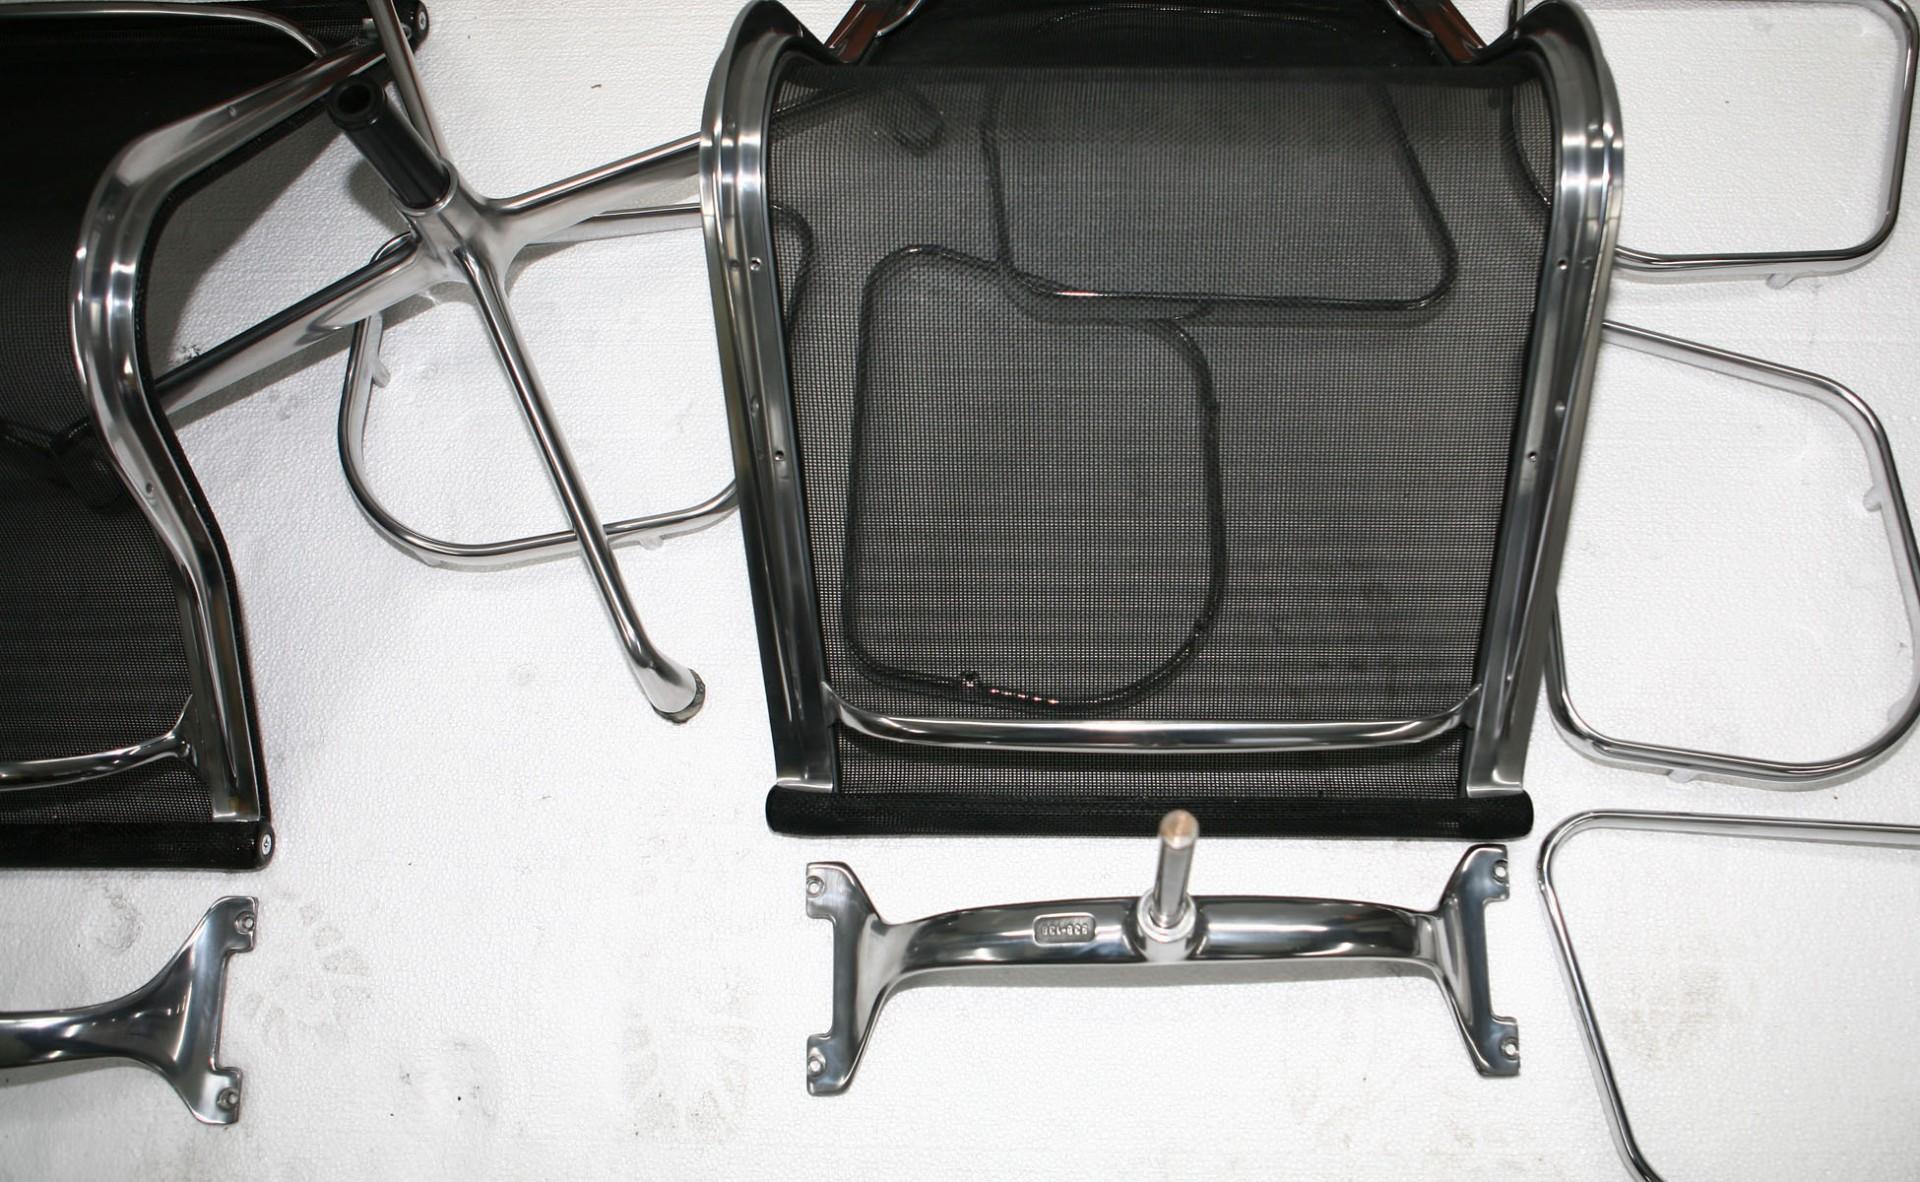 09 vitra aufbereitung eames alu chair berlin by steidten+